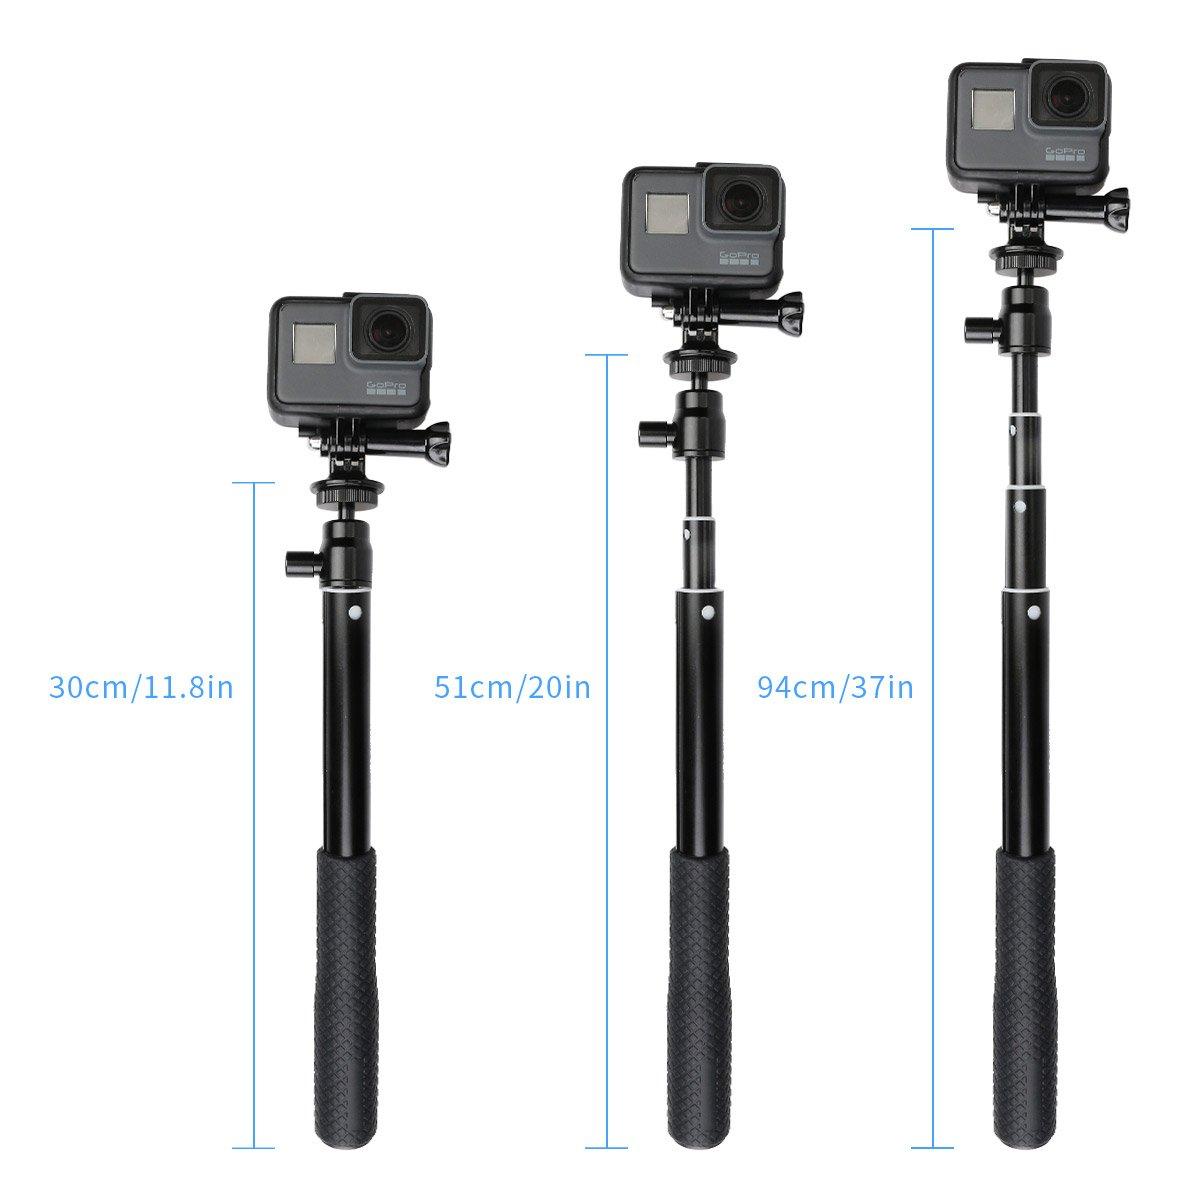 Homeet Tr/épied pour Appareil Photo daction 2 en 1 Mini tr/épied de Table Compact avec Perche /à Selfie Extensible Compatible avec cam/éras GoPro//SJCAM//Akaso//Garmin Virb//DBPOWER//YI//QUMOX//Rollei